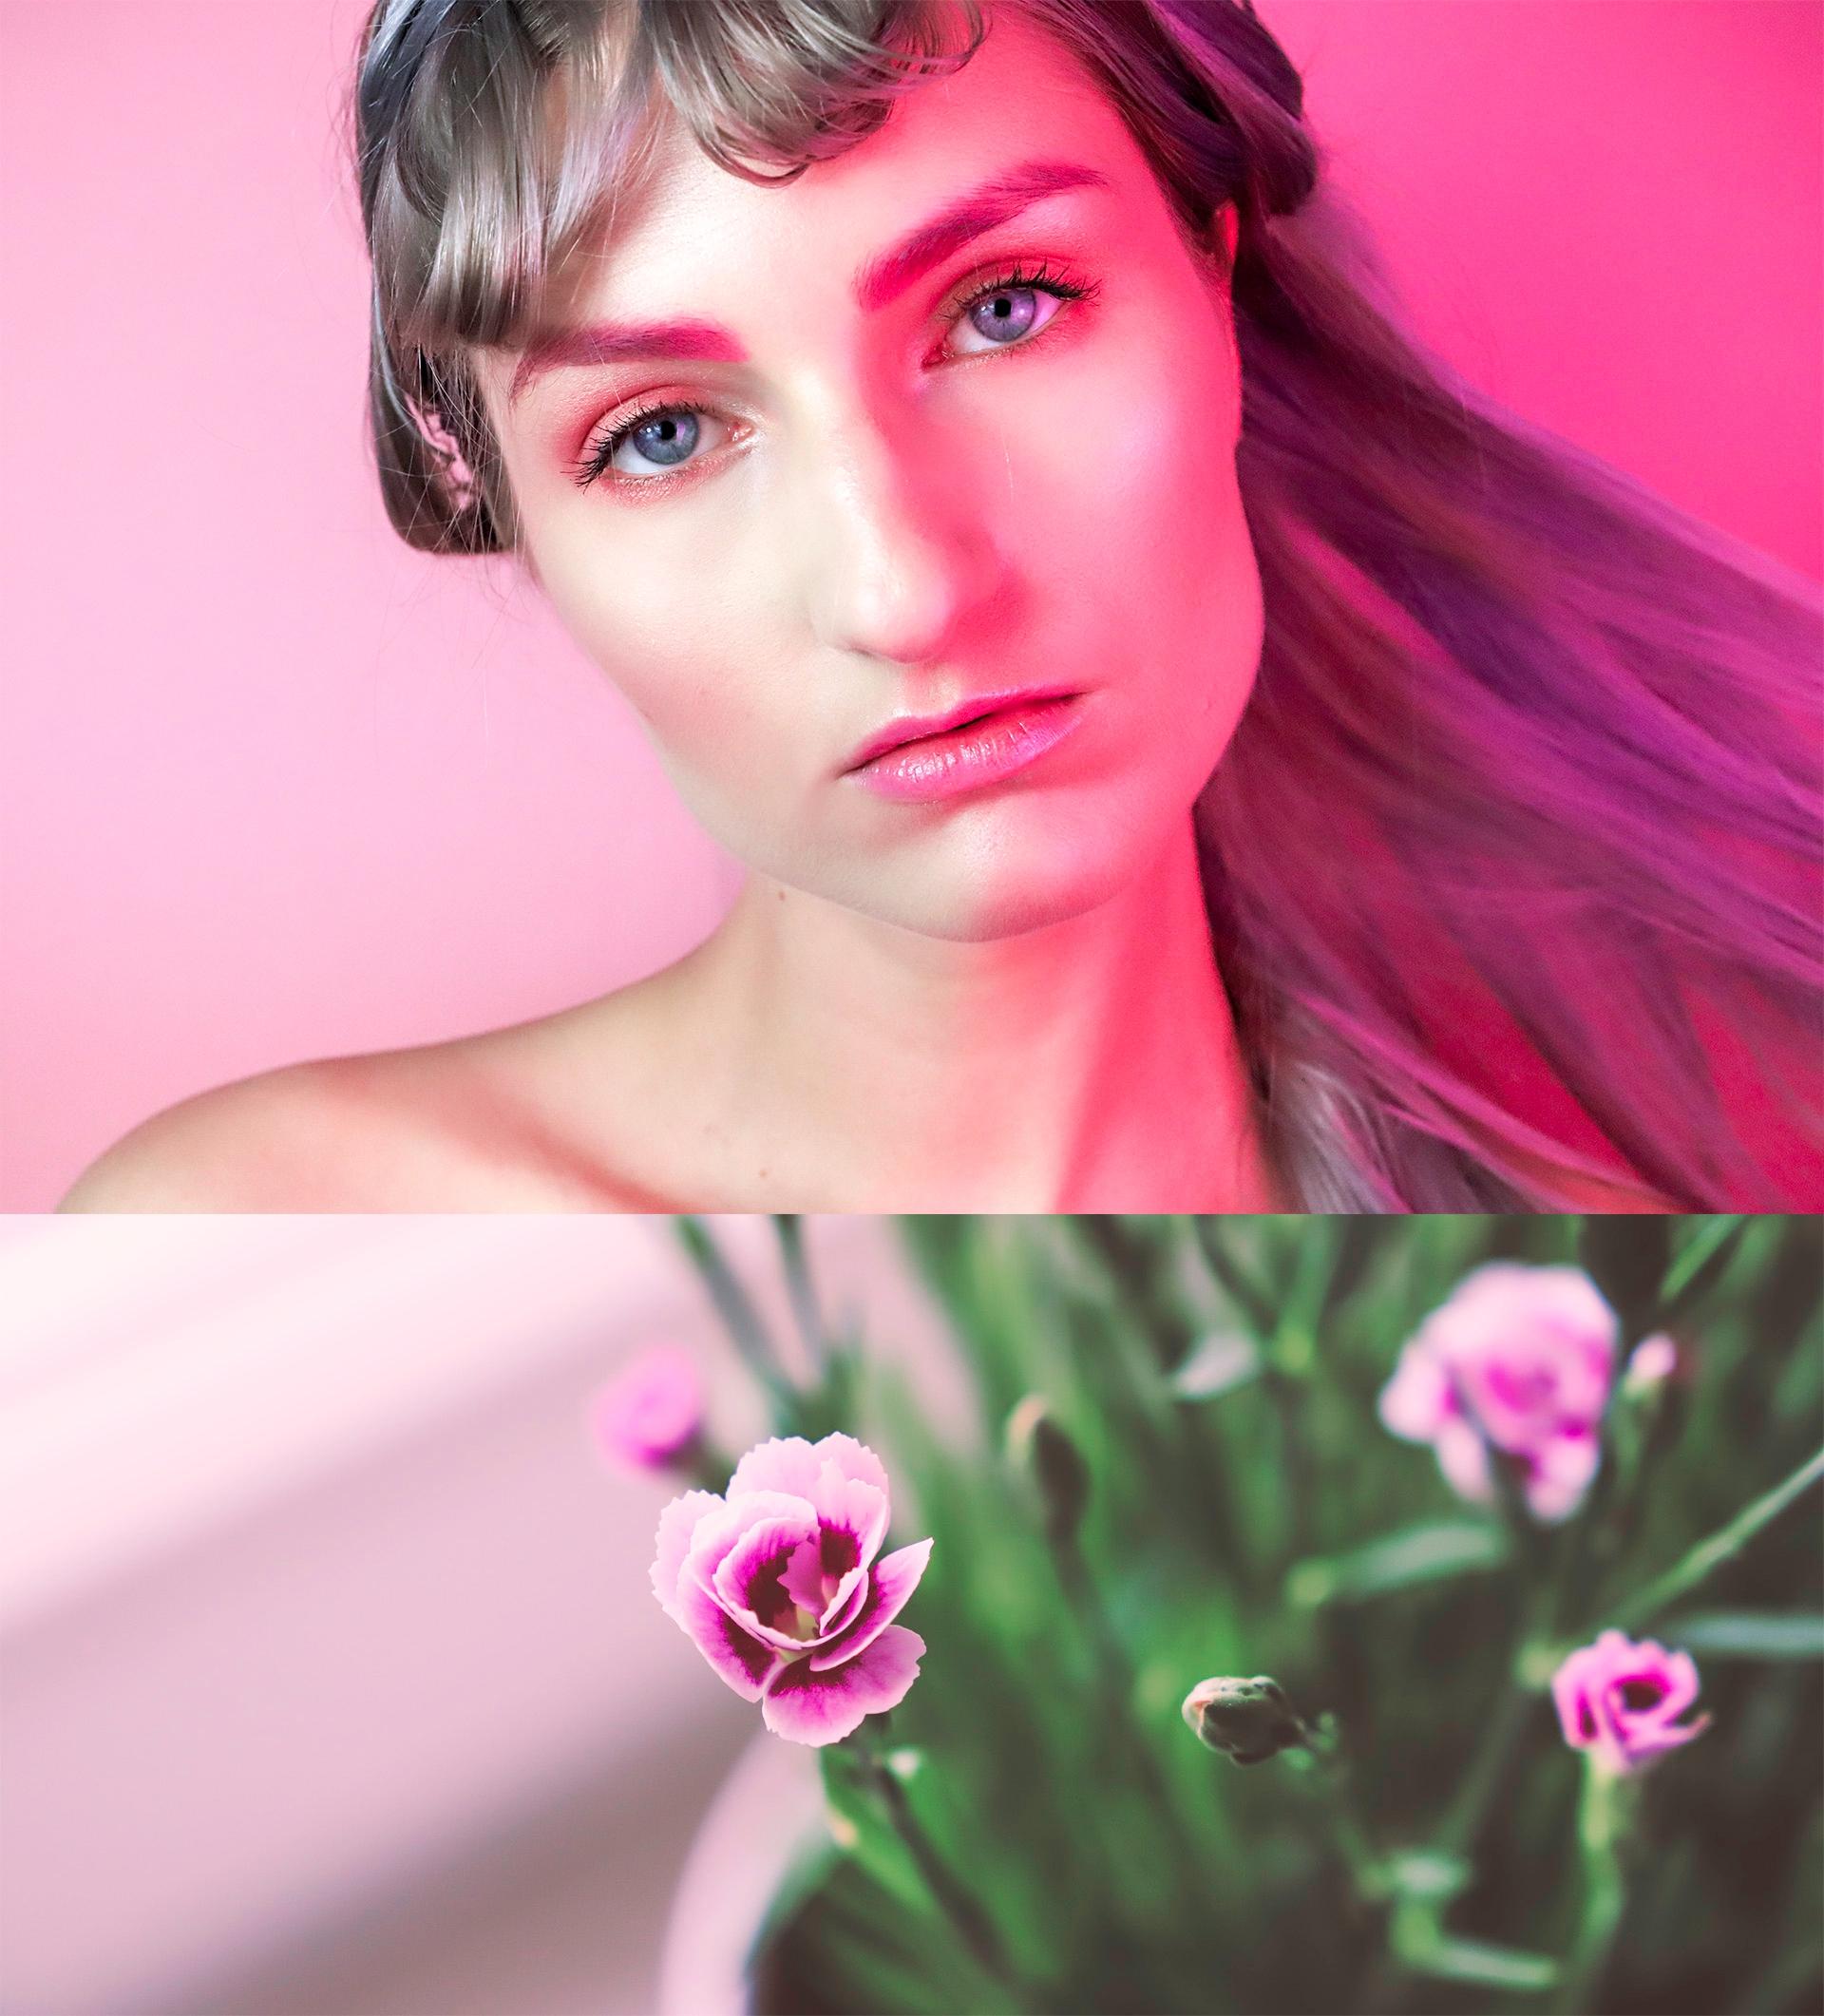 O kolorach: Róż